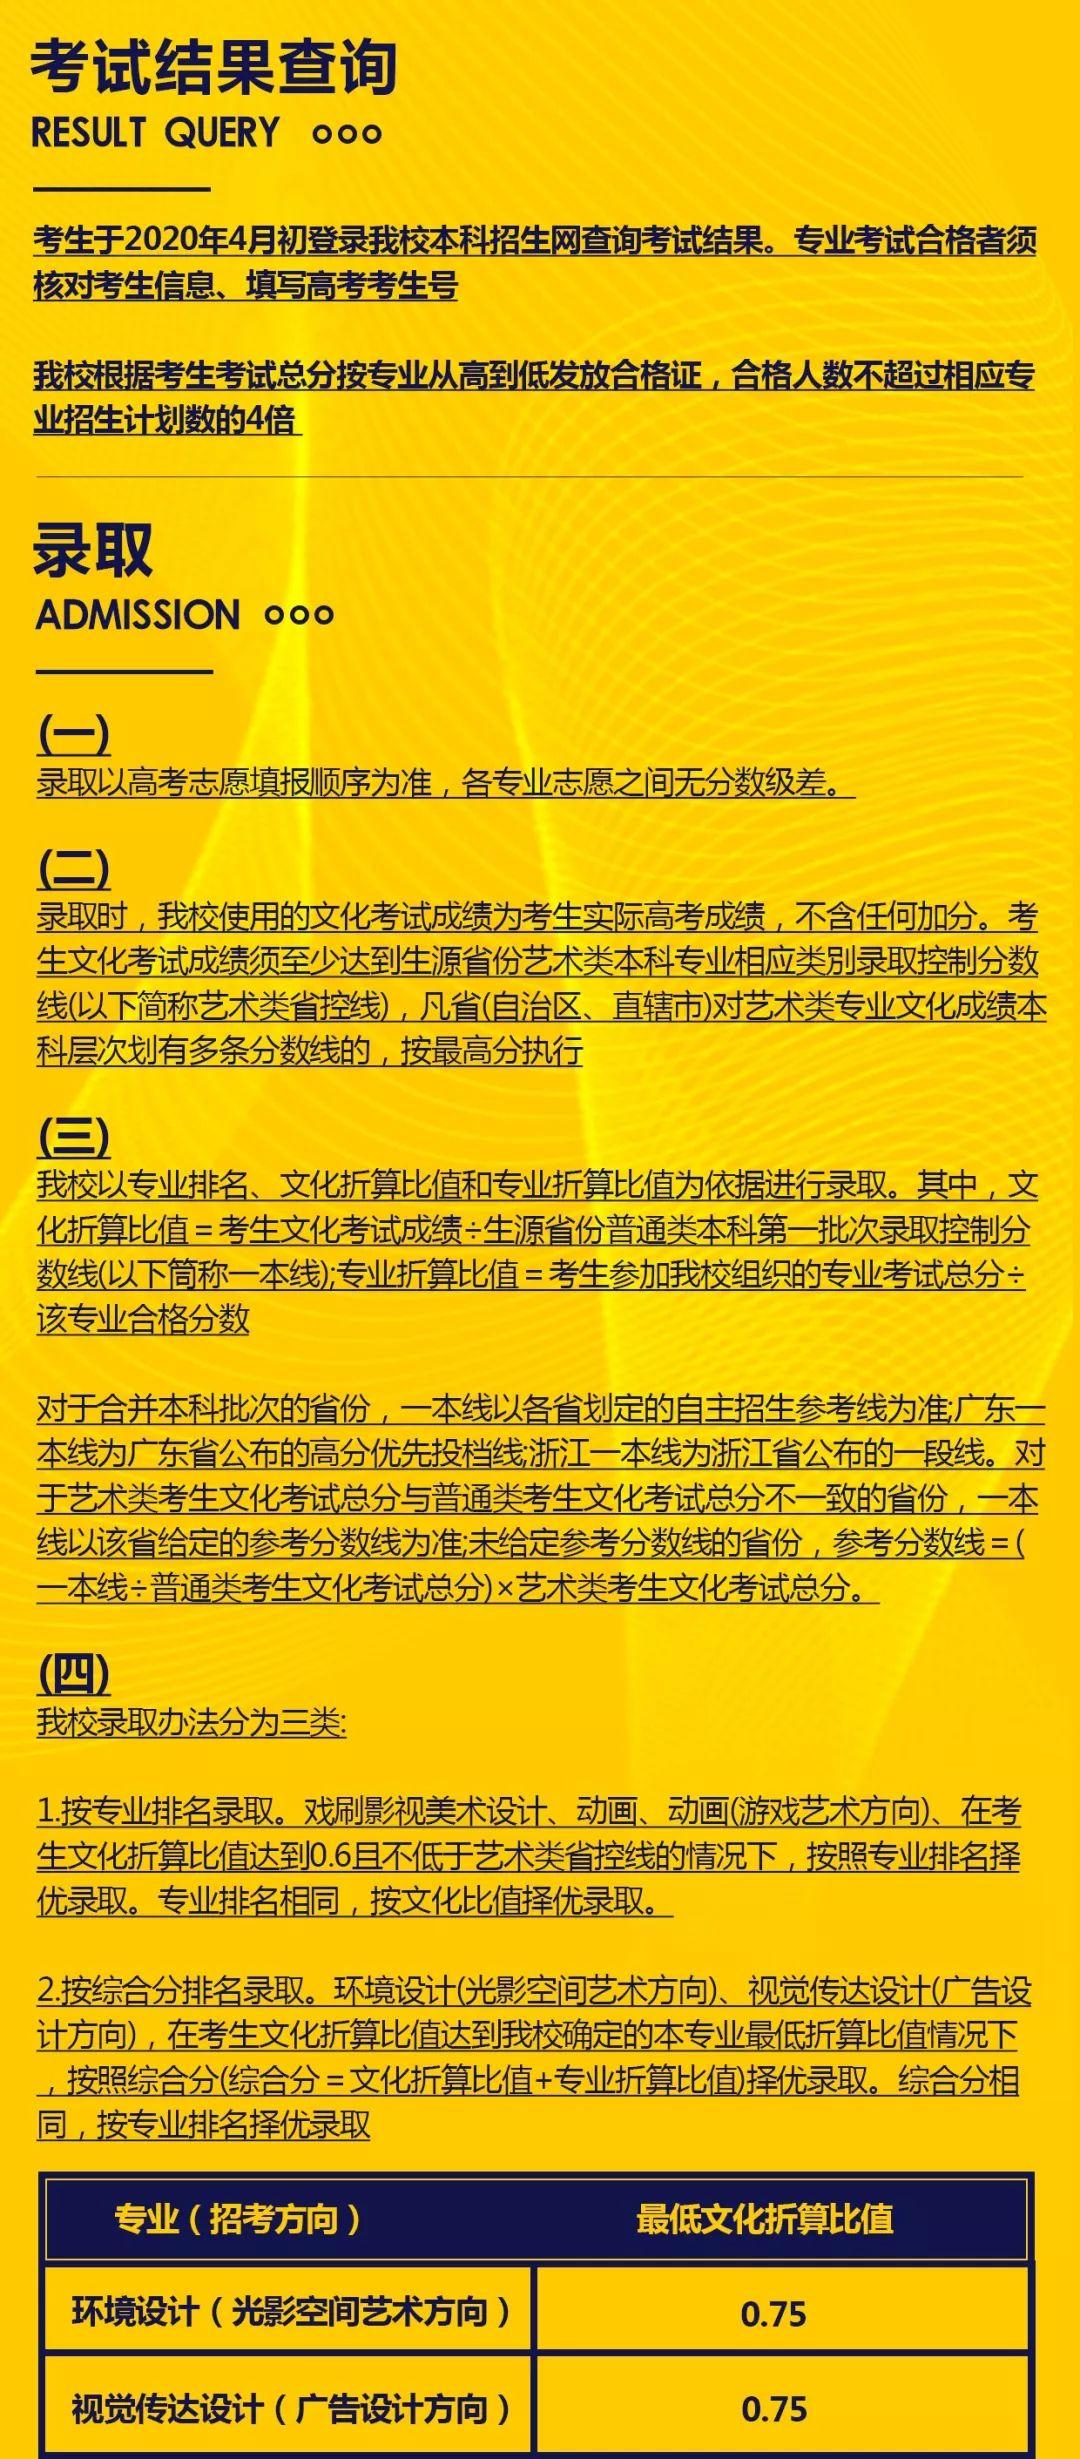 中国传媒大学,北京电影学院,中央戏剧学院,北京巅峰广艺画室       05